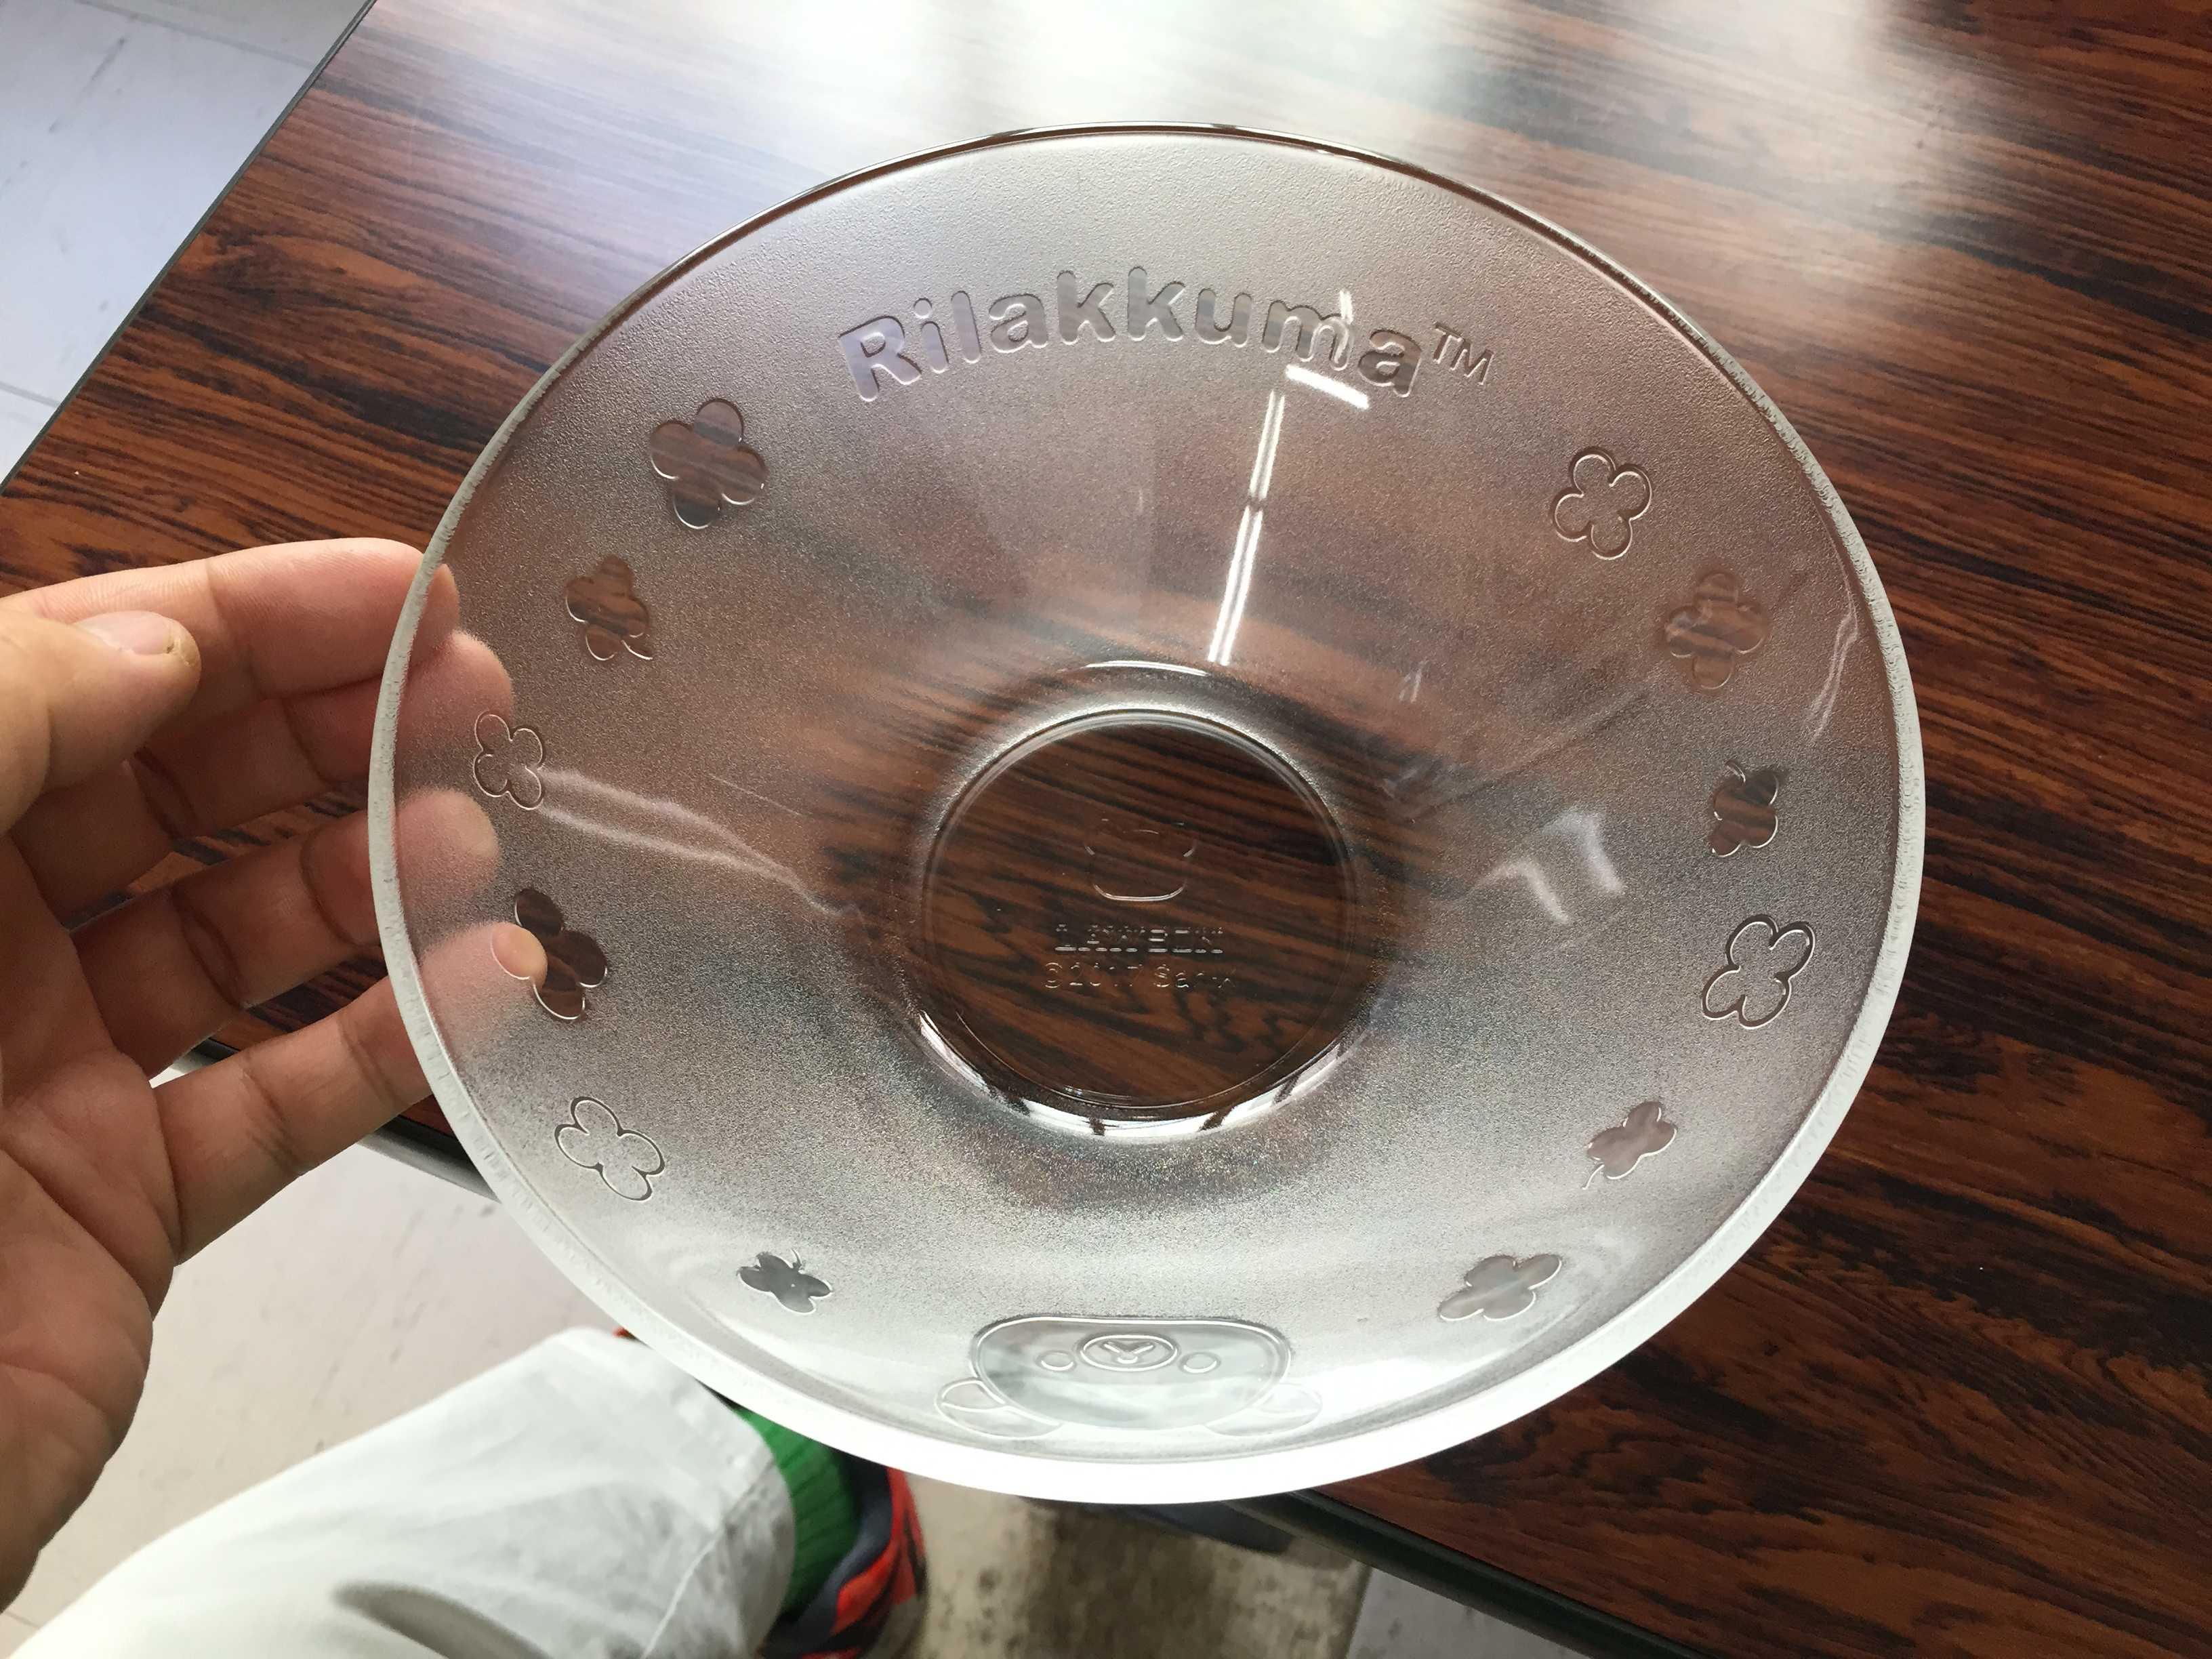 リラックマフェアのガラスの器